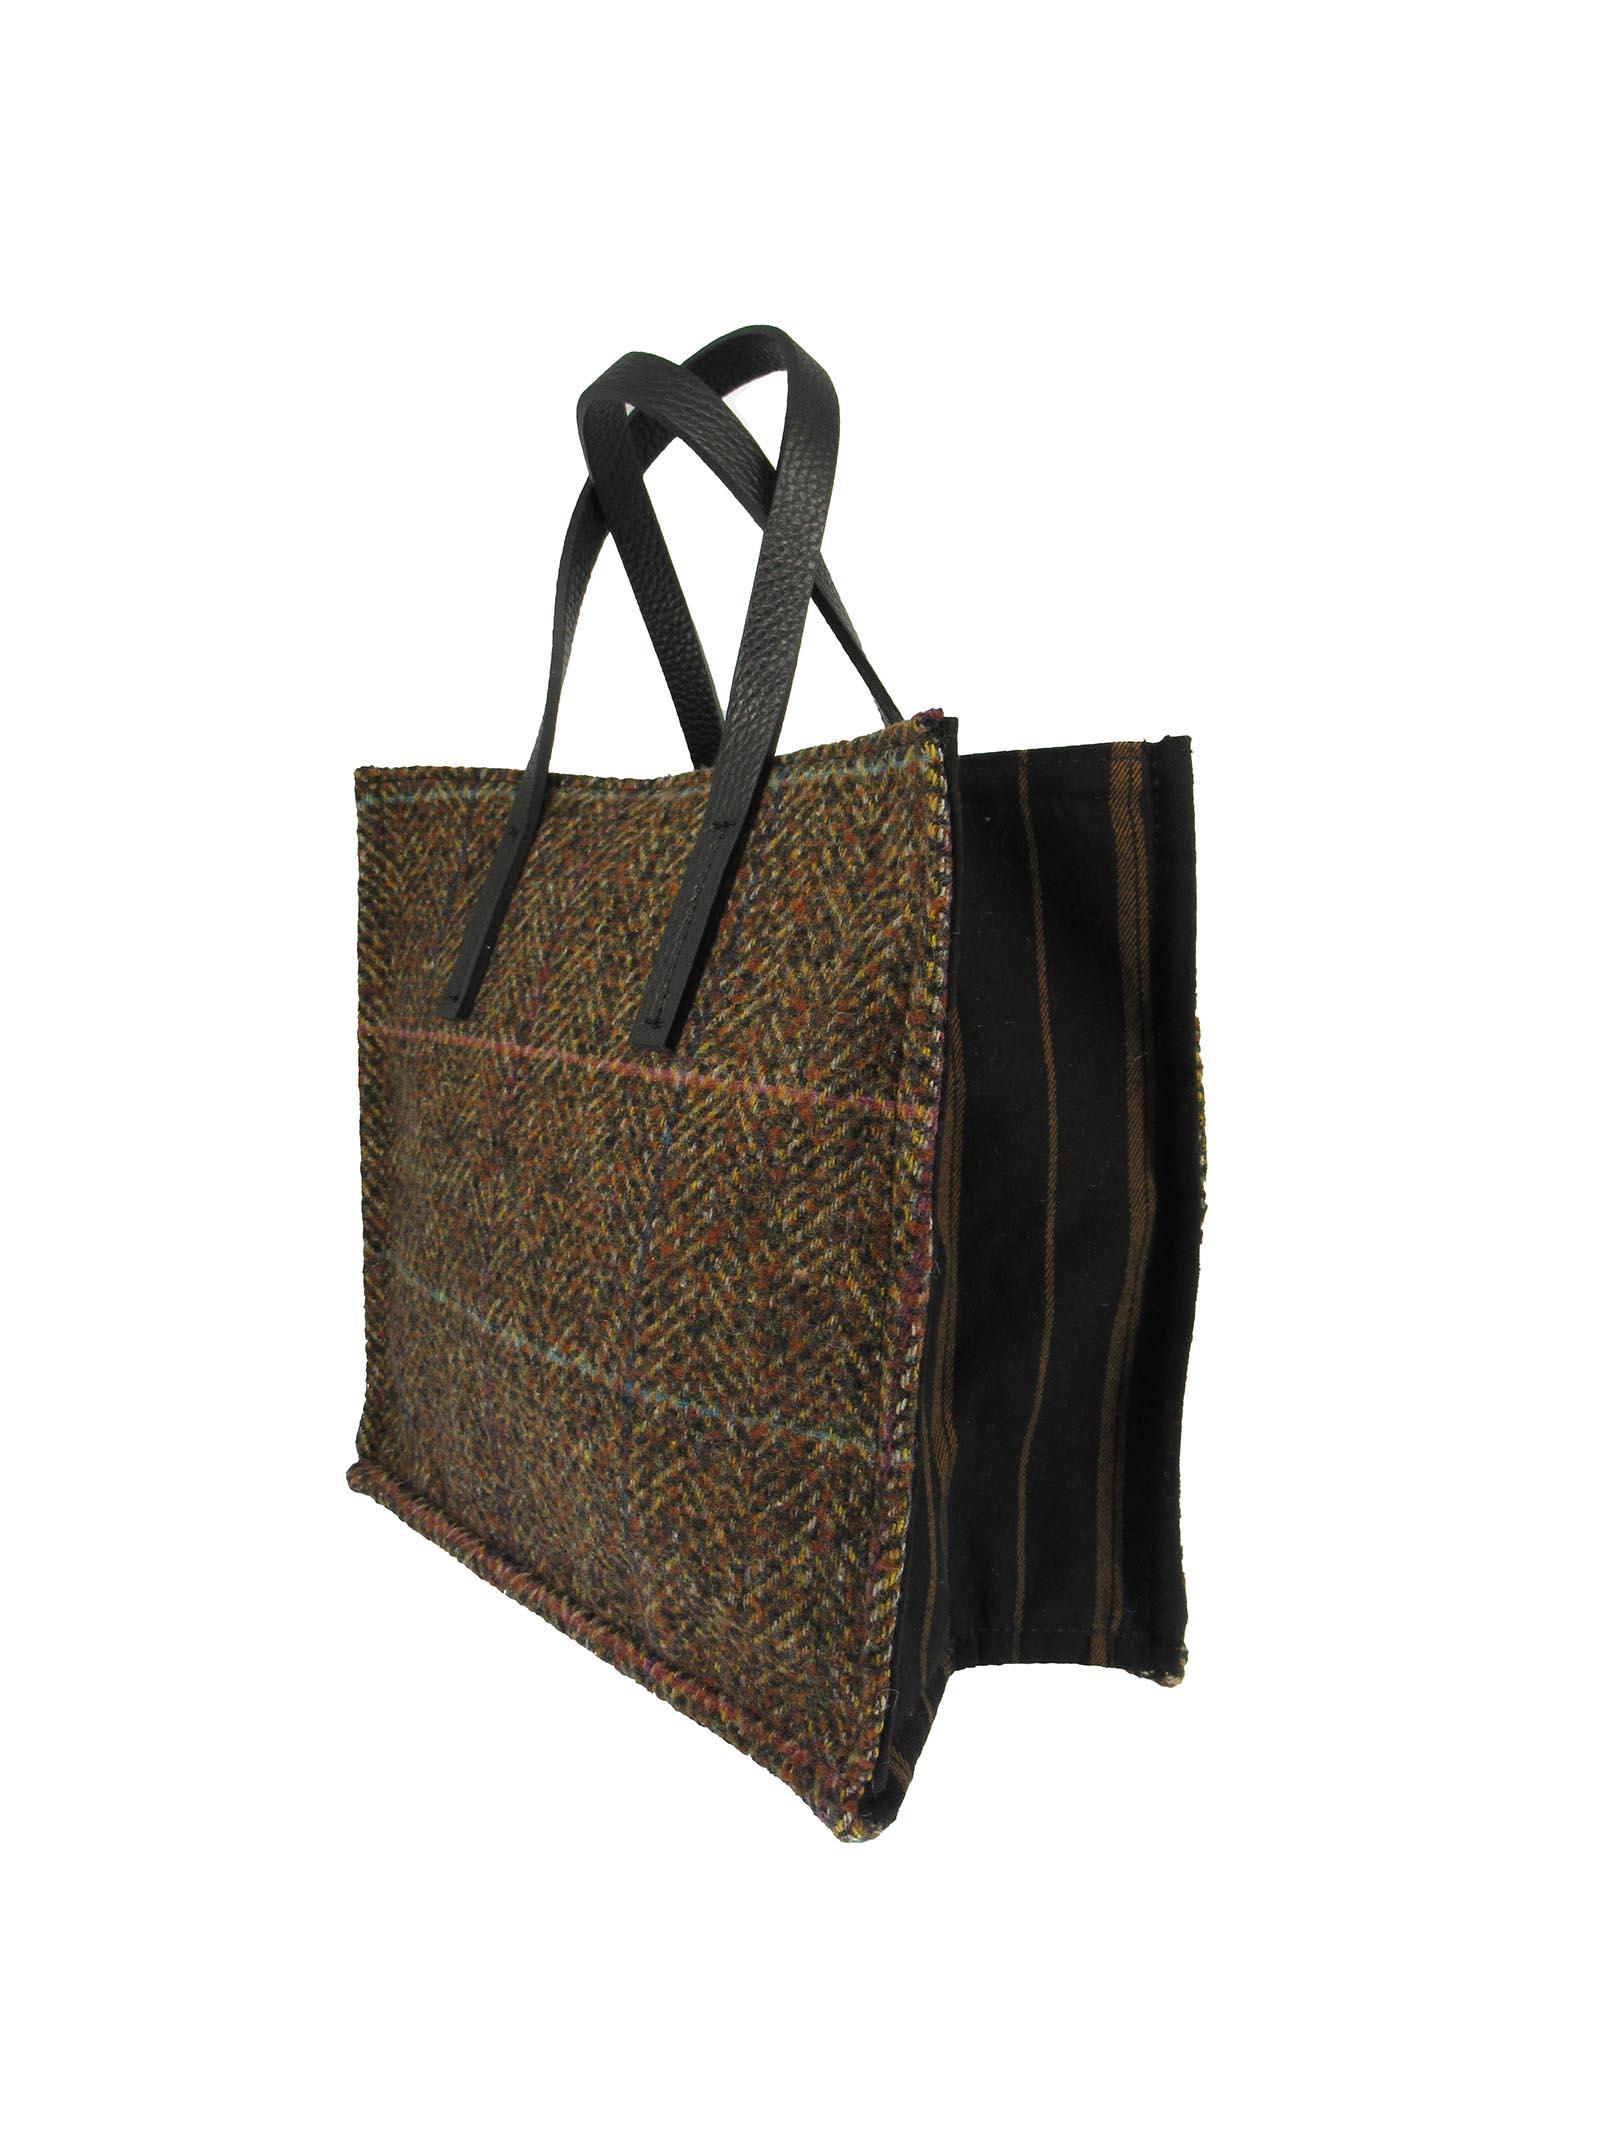 Borse Donna Mini Bag in Tessuto Madras Marrone con Manici in Pelle Marrone Kassiopea   Borse e zaini   1/2 UMILTA673